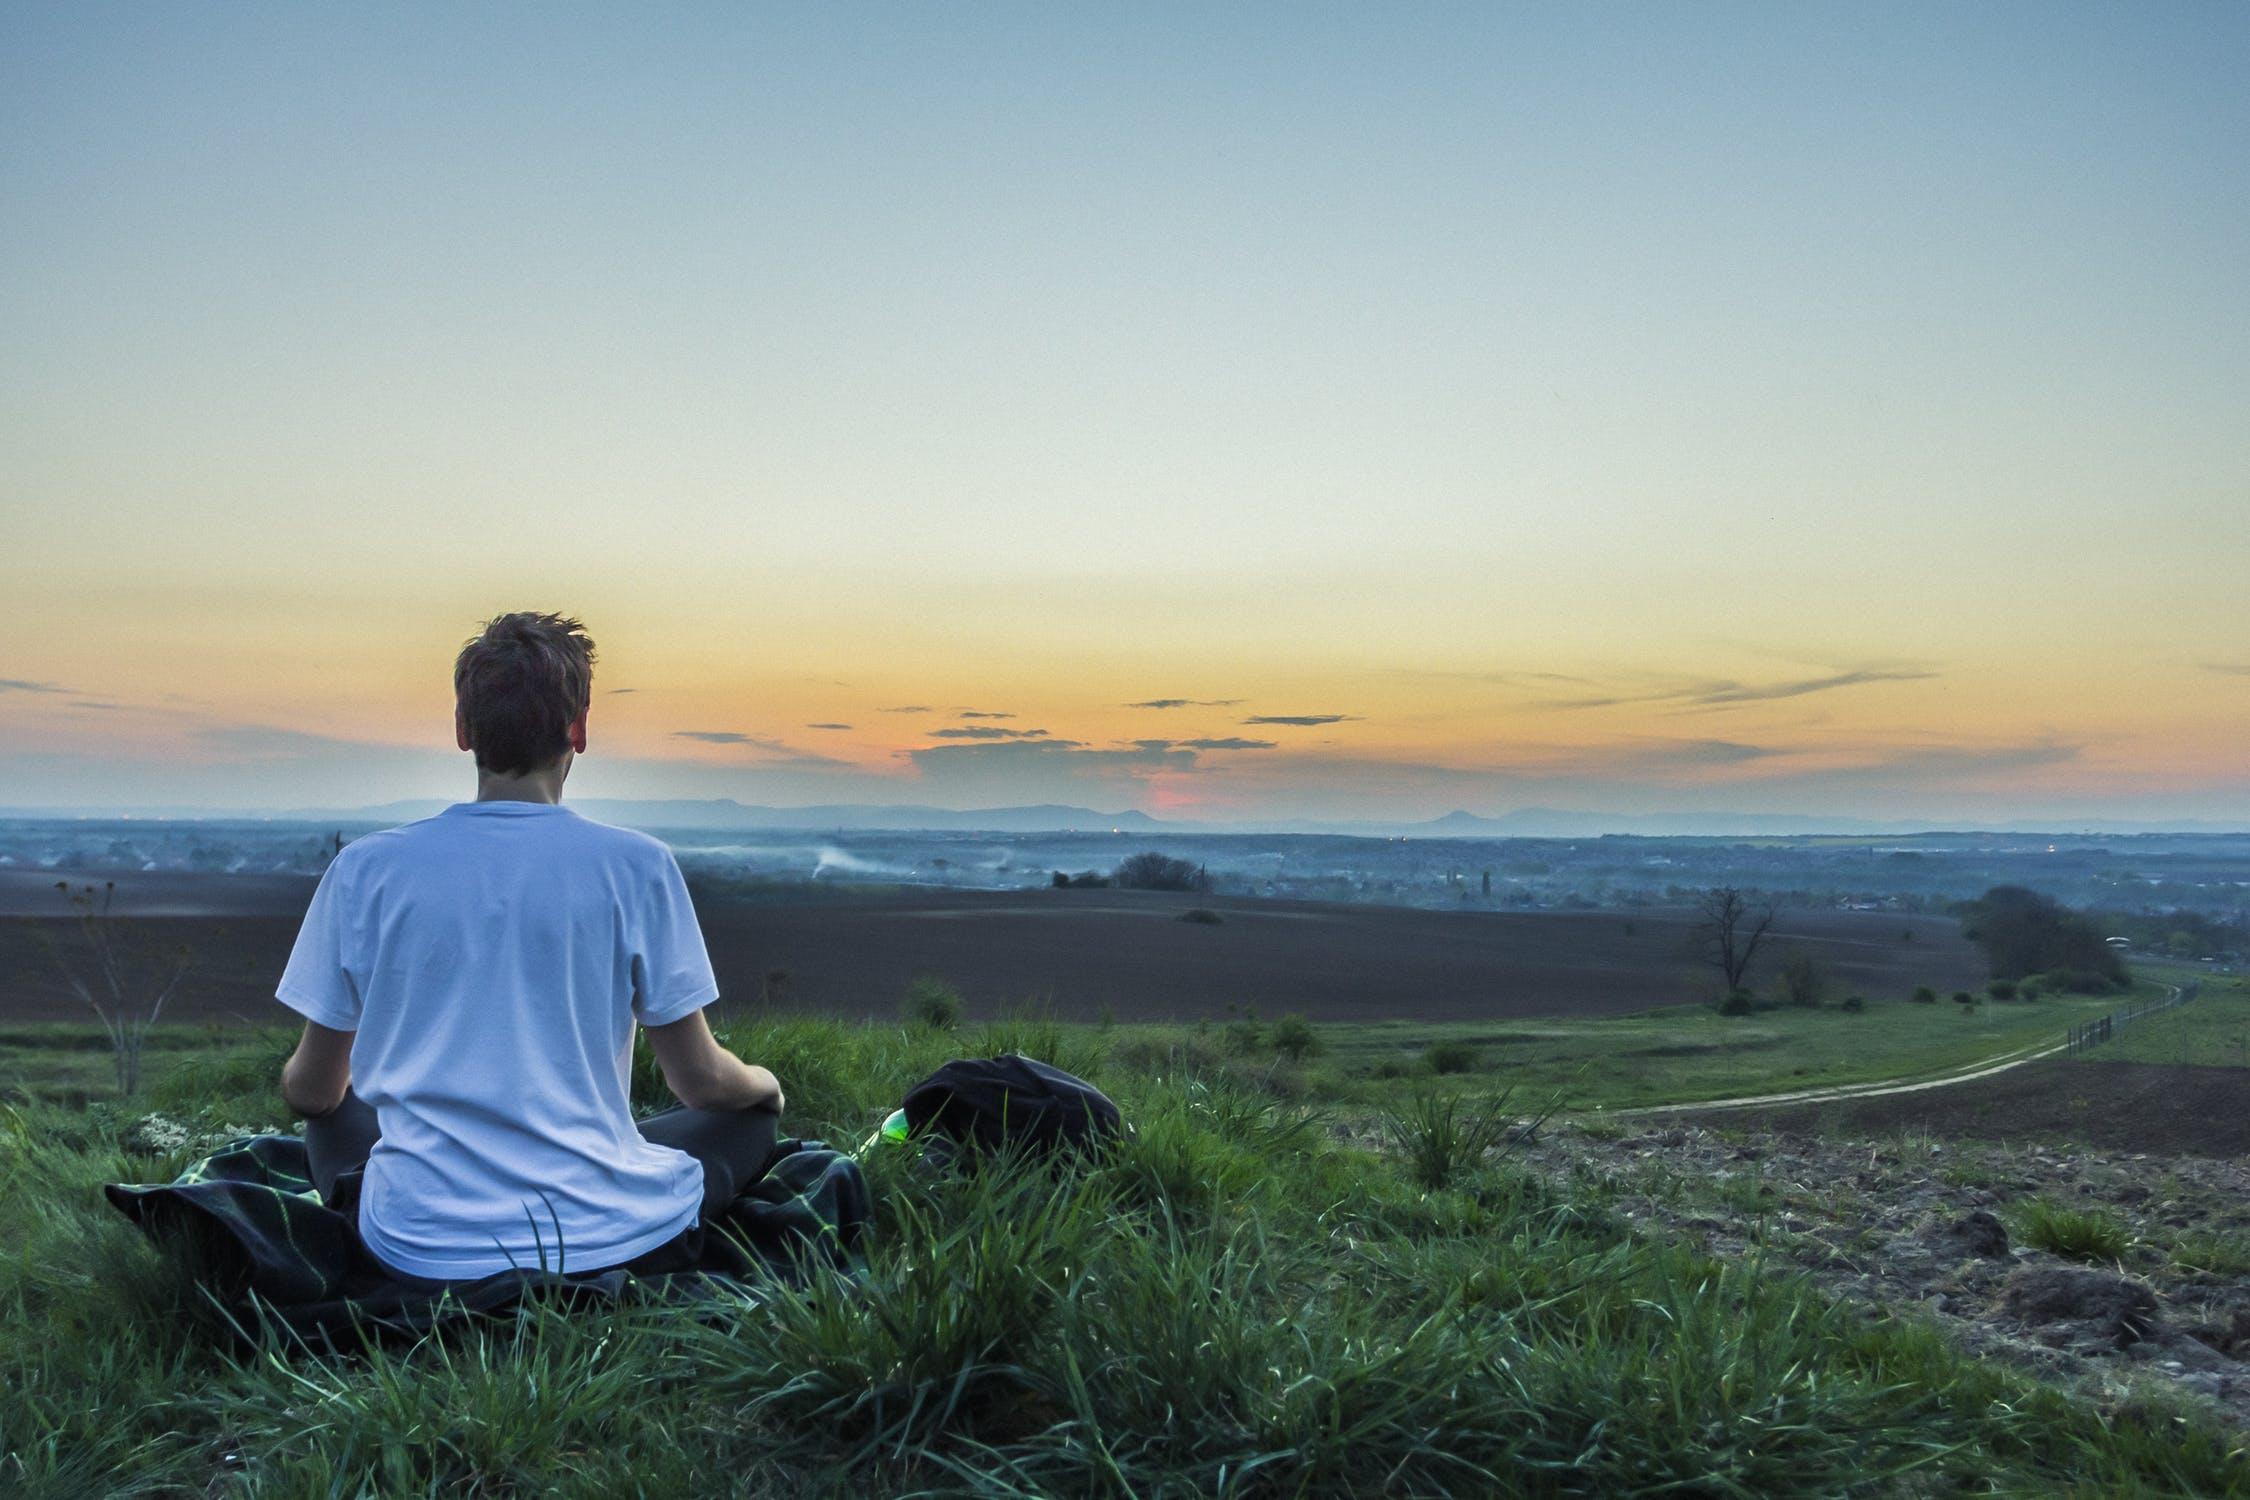 meditate|meditate